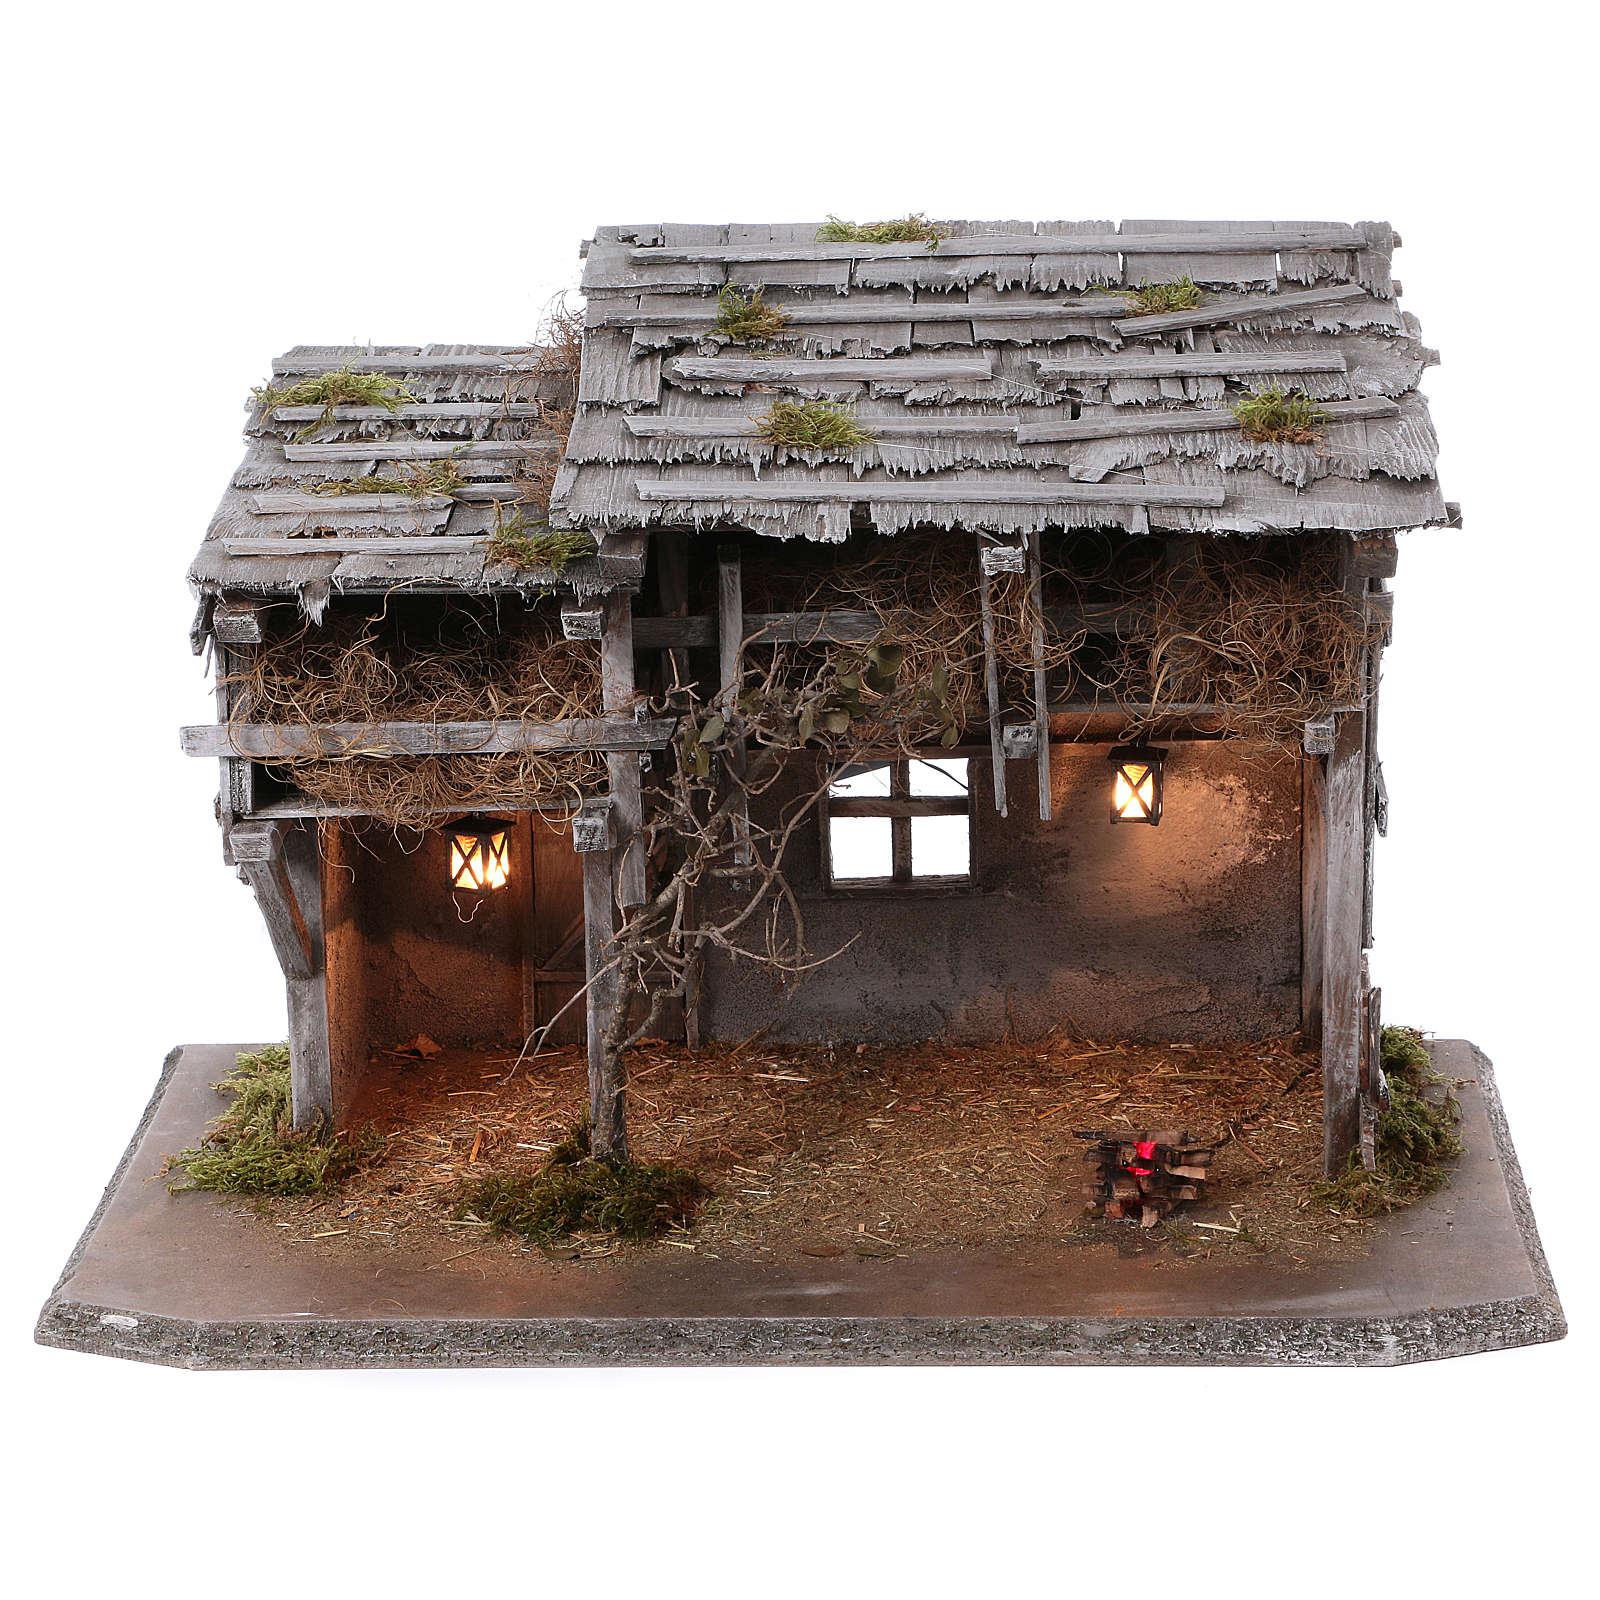 Étable modèle Luhe en bois lumières et feu pour crèche 14-15 cm 4